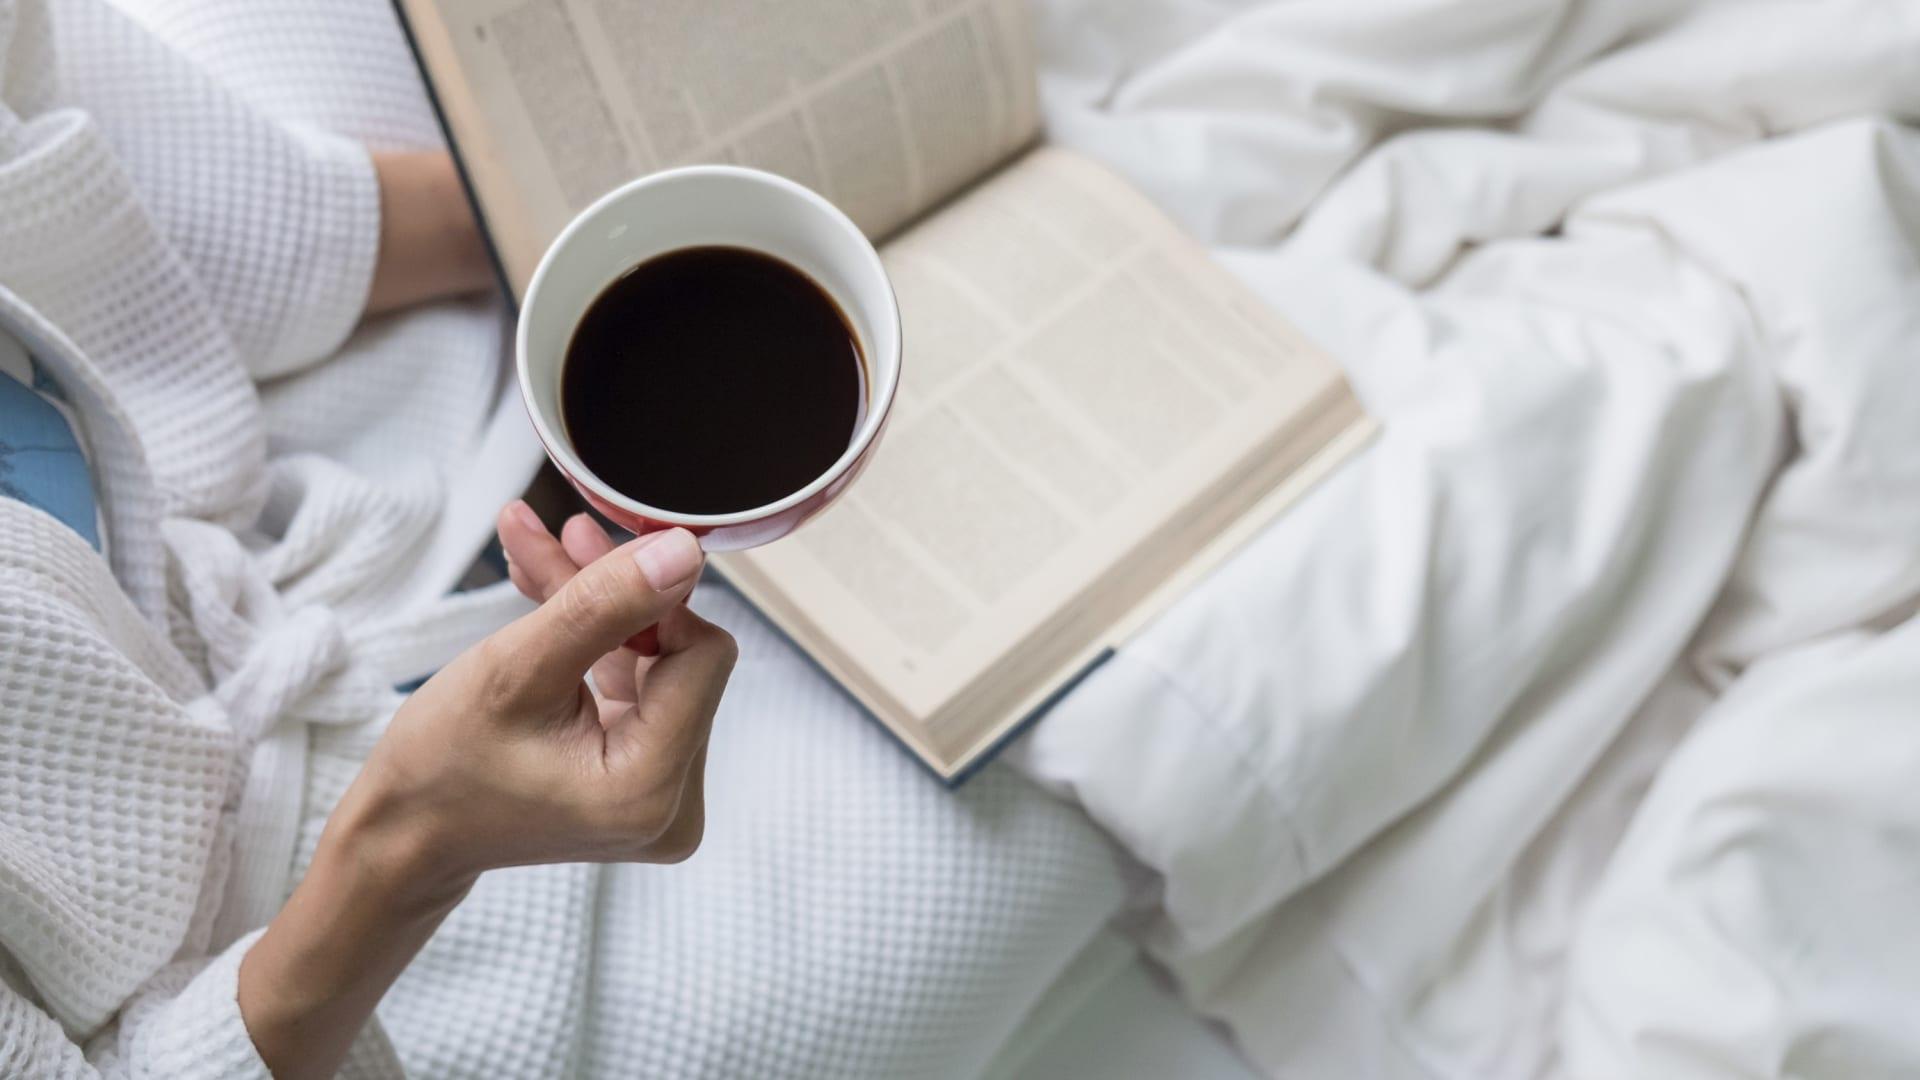 دراسة: شرب القهوة يومياً مرتبط بانخفاض في خطر الإصابة باضطراب نظم القلب